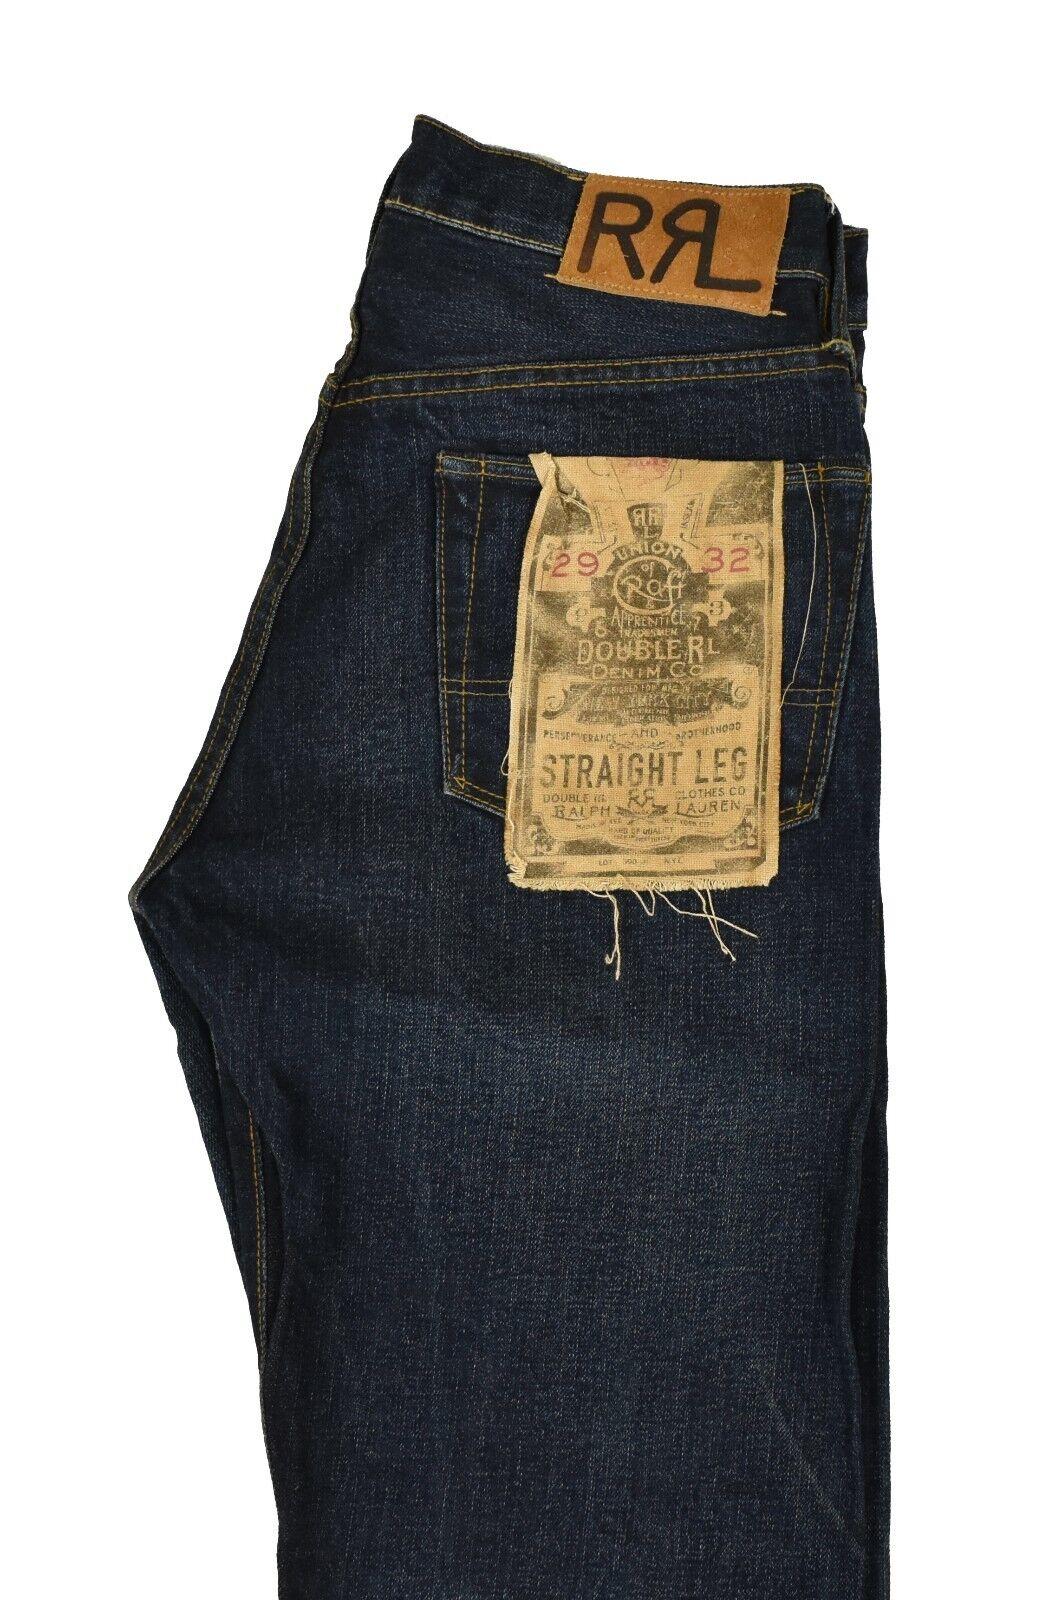 Ralph Lauren Rrl Gerades Bein Kanten Jeans 29 X 32 Neu